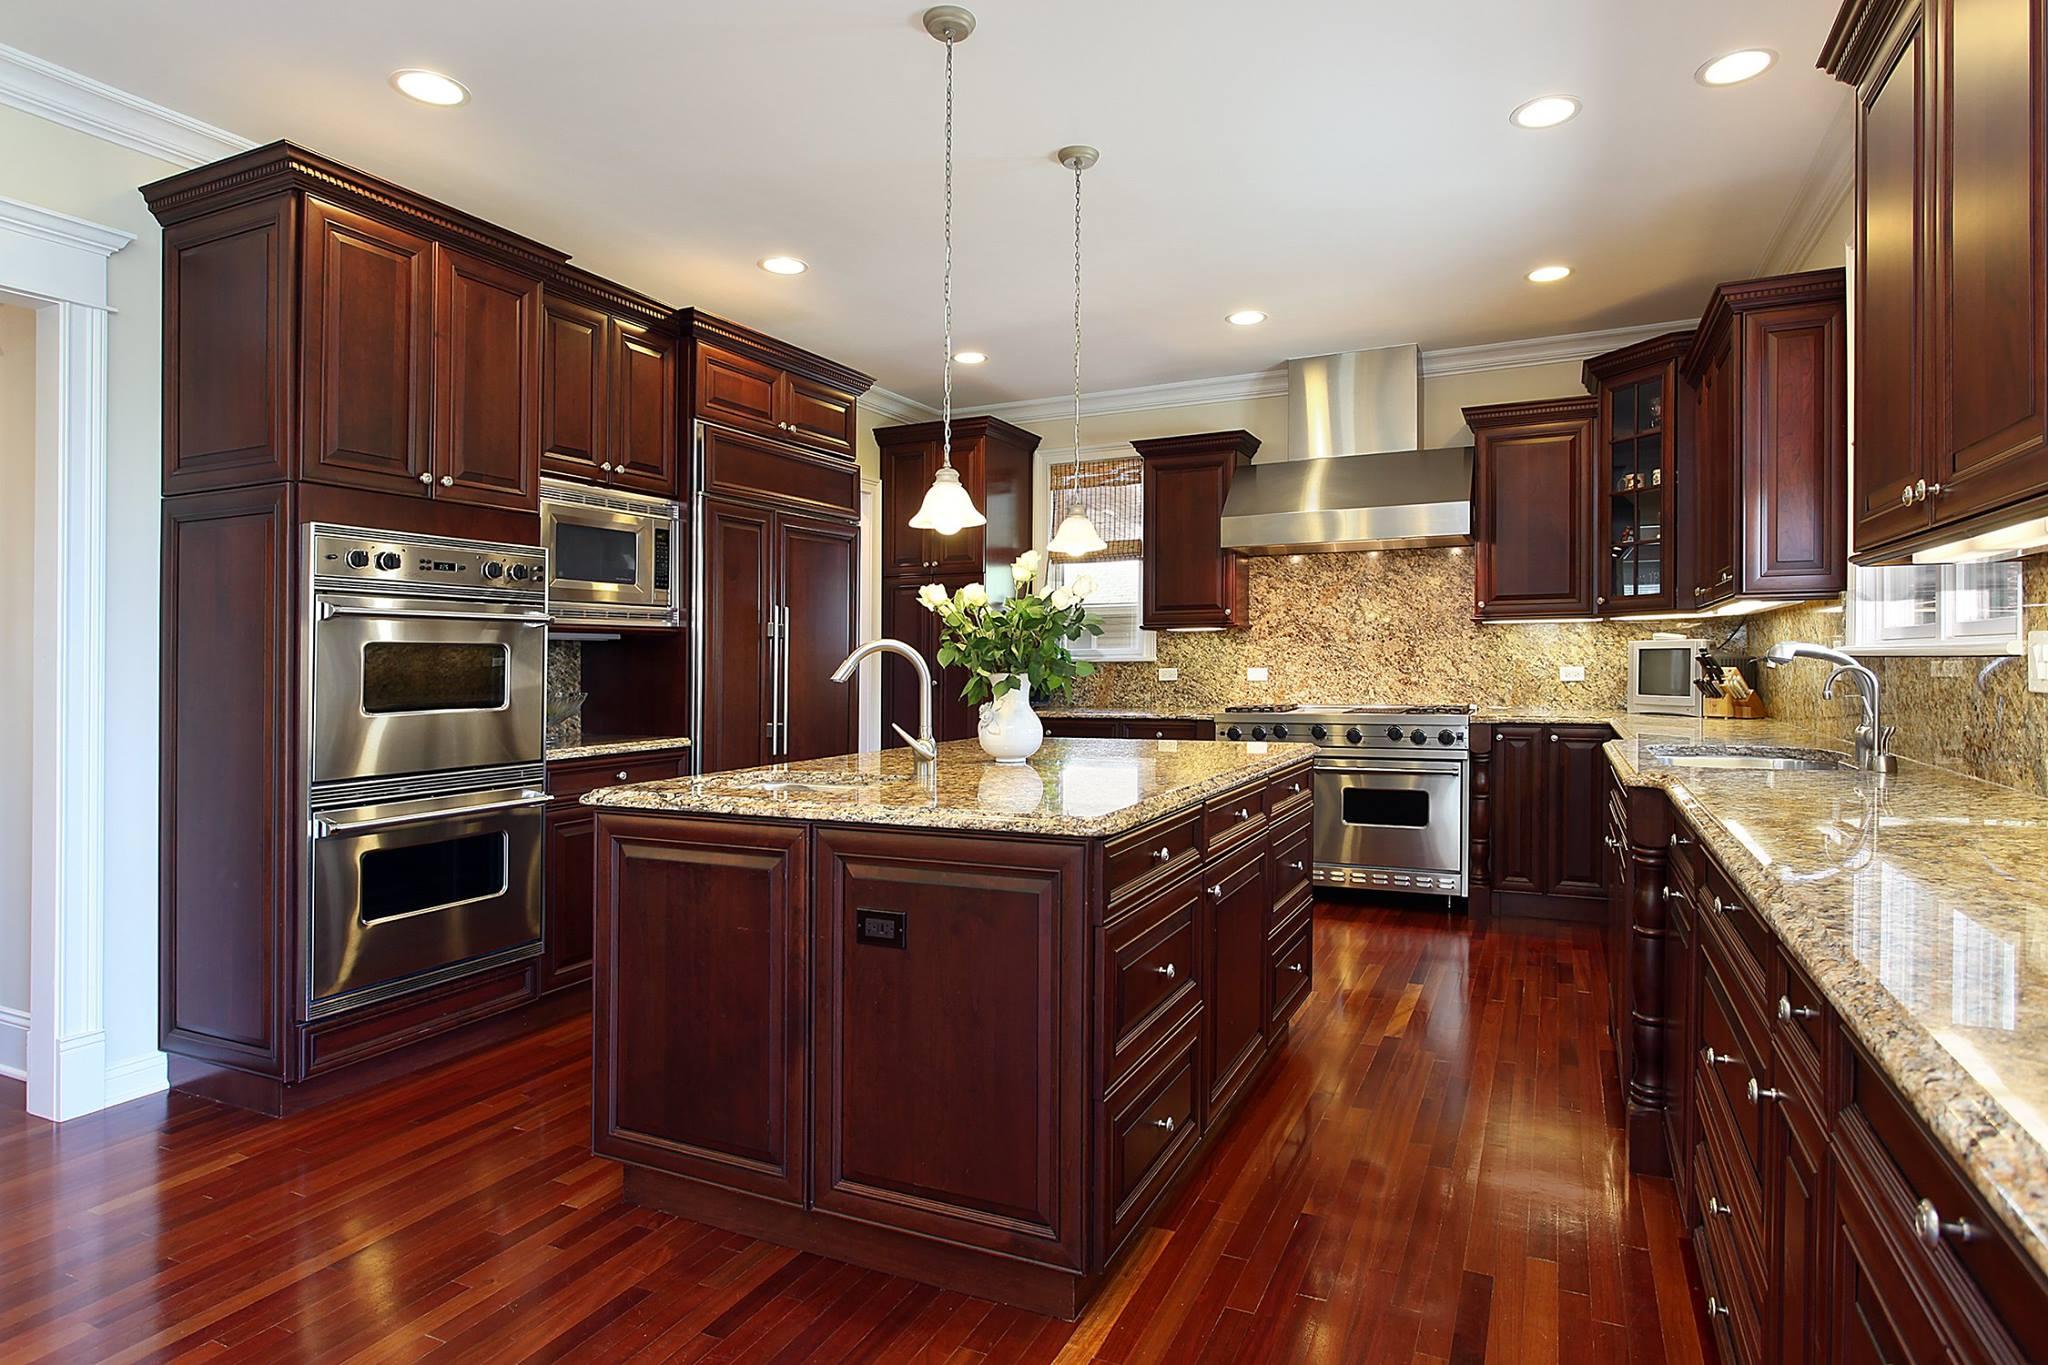 Best Kitchen Gallery: Kitchen Cabi Restoration Refinishing of Sprucing Up Cabinets Kitchen Pickled White on rachelxblog.com